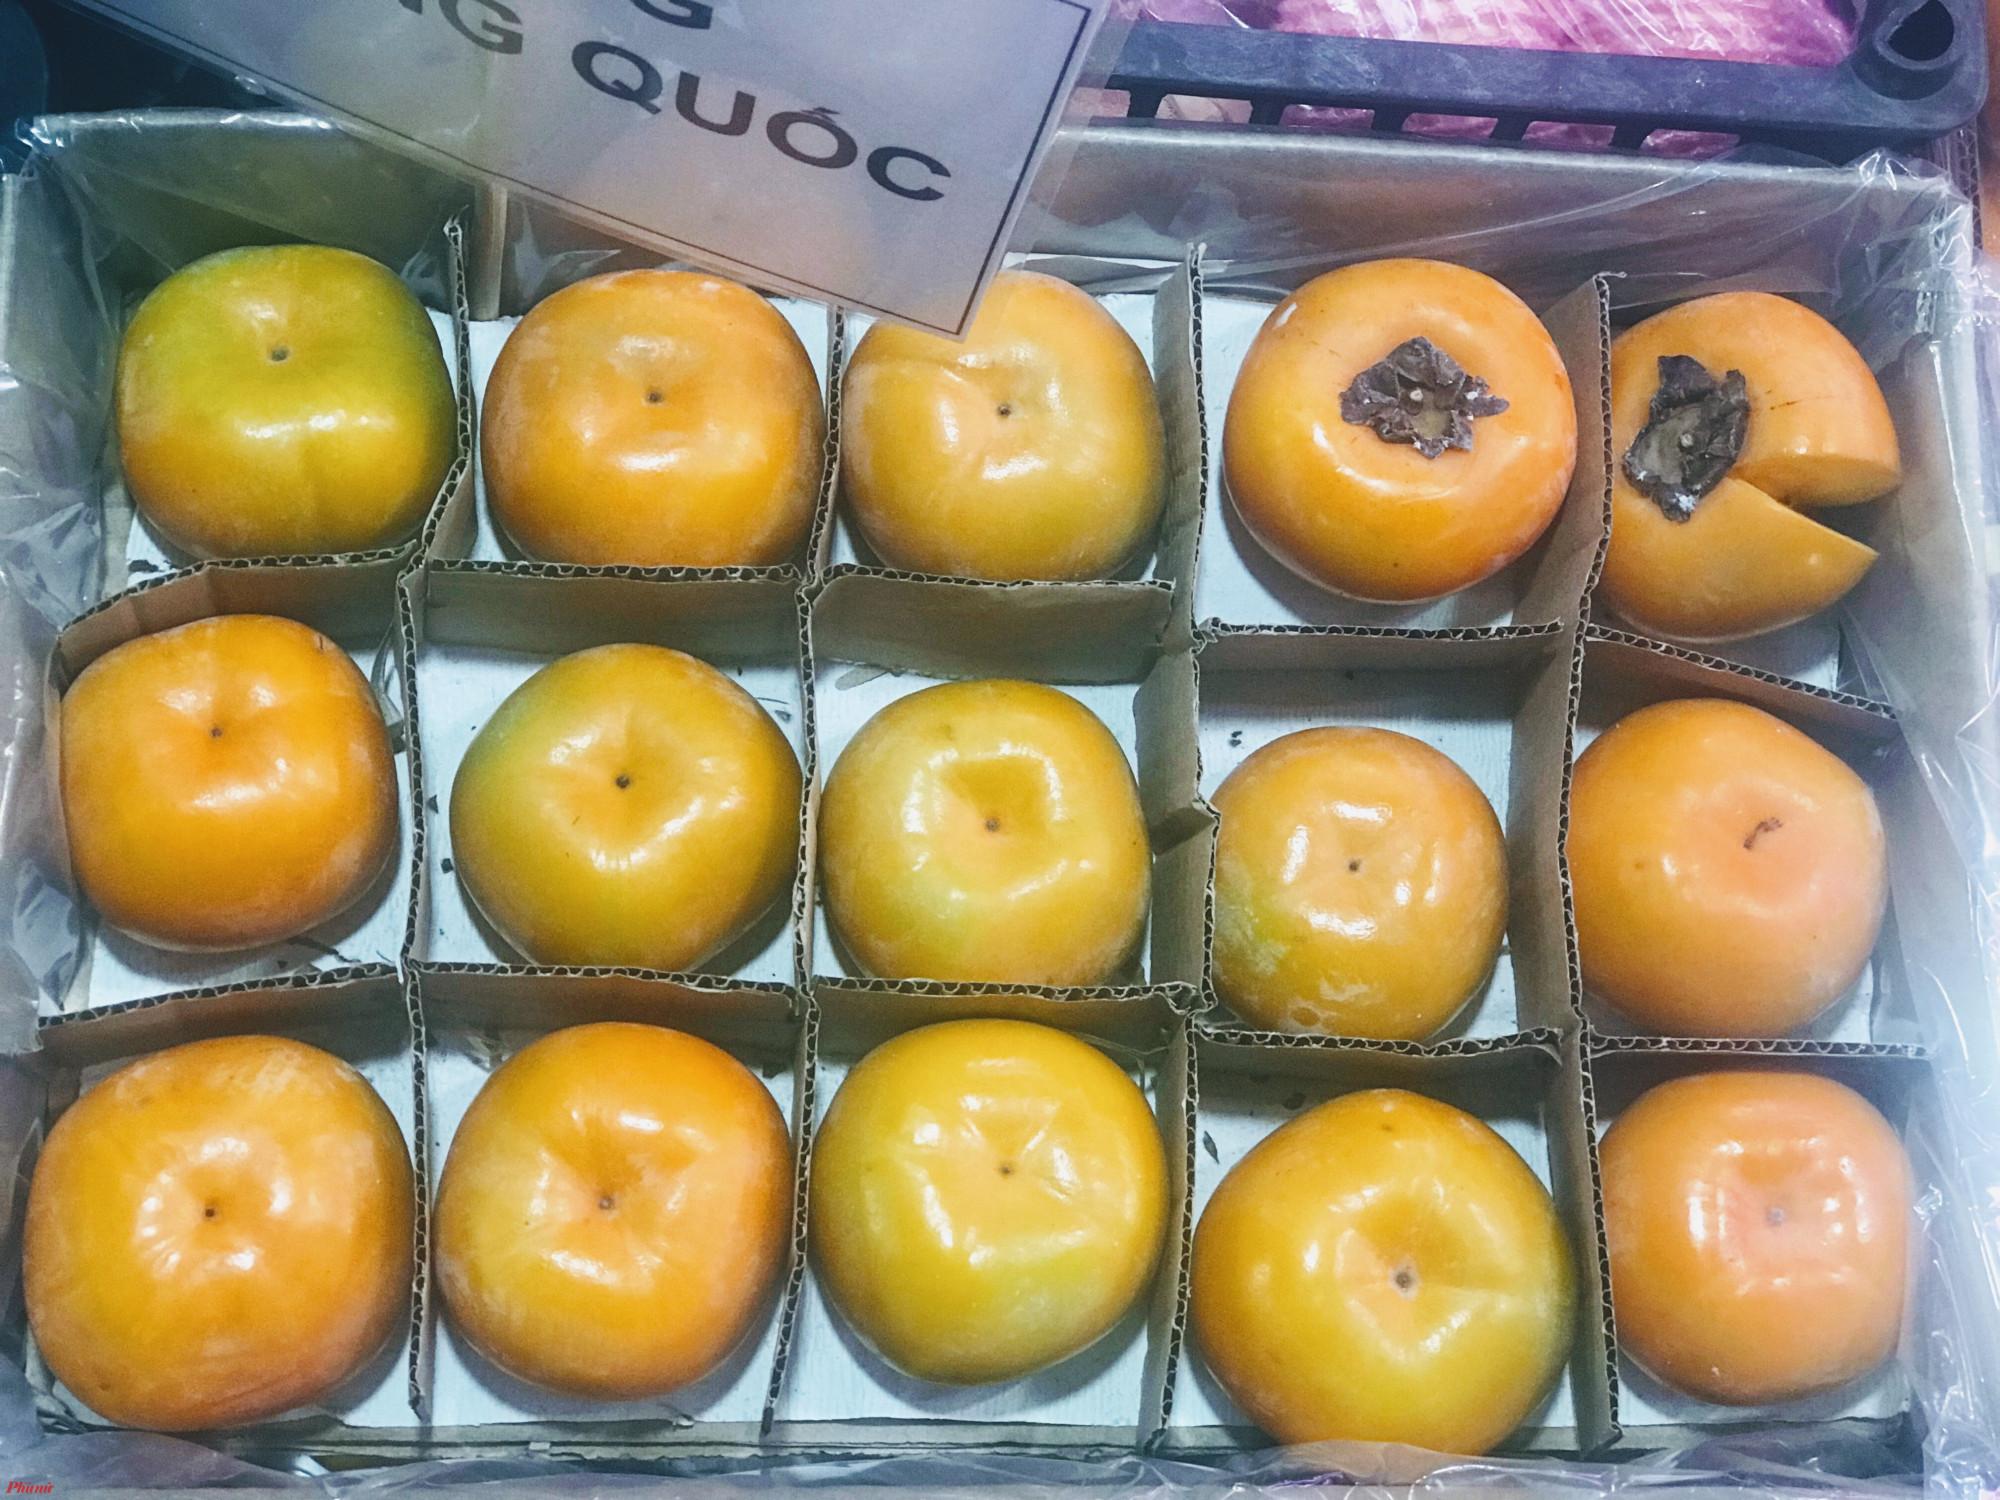 """""""Xuất xứ của trái cây nhập khẩu rất cần thiết, nhằm phòng chống hành vi gian lận thương mại, của Trung Quốc mà khai sinh của Việt Nam rất nguy hiểm. Chưa kể vấn đề nhập tiểu ngạch, sản phẩm kém chất lượng ảnh hưởng đến sức khỏe người dùng. ông Nhu cho hay."""